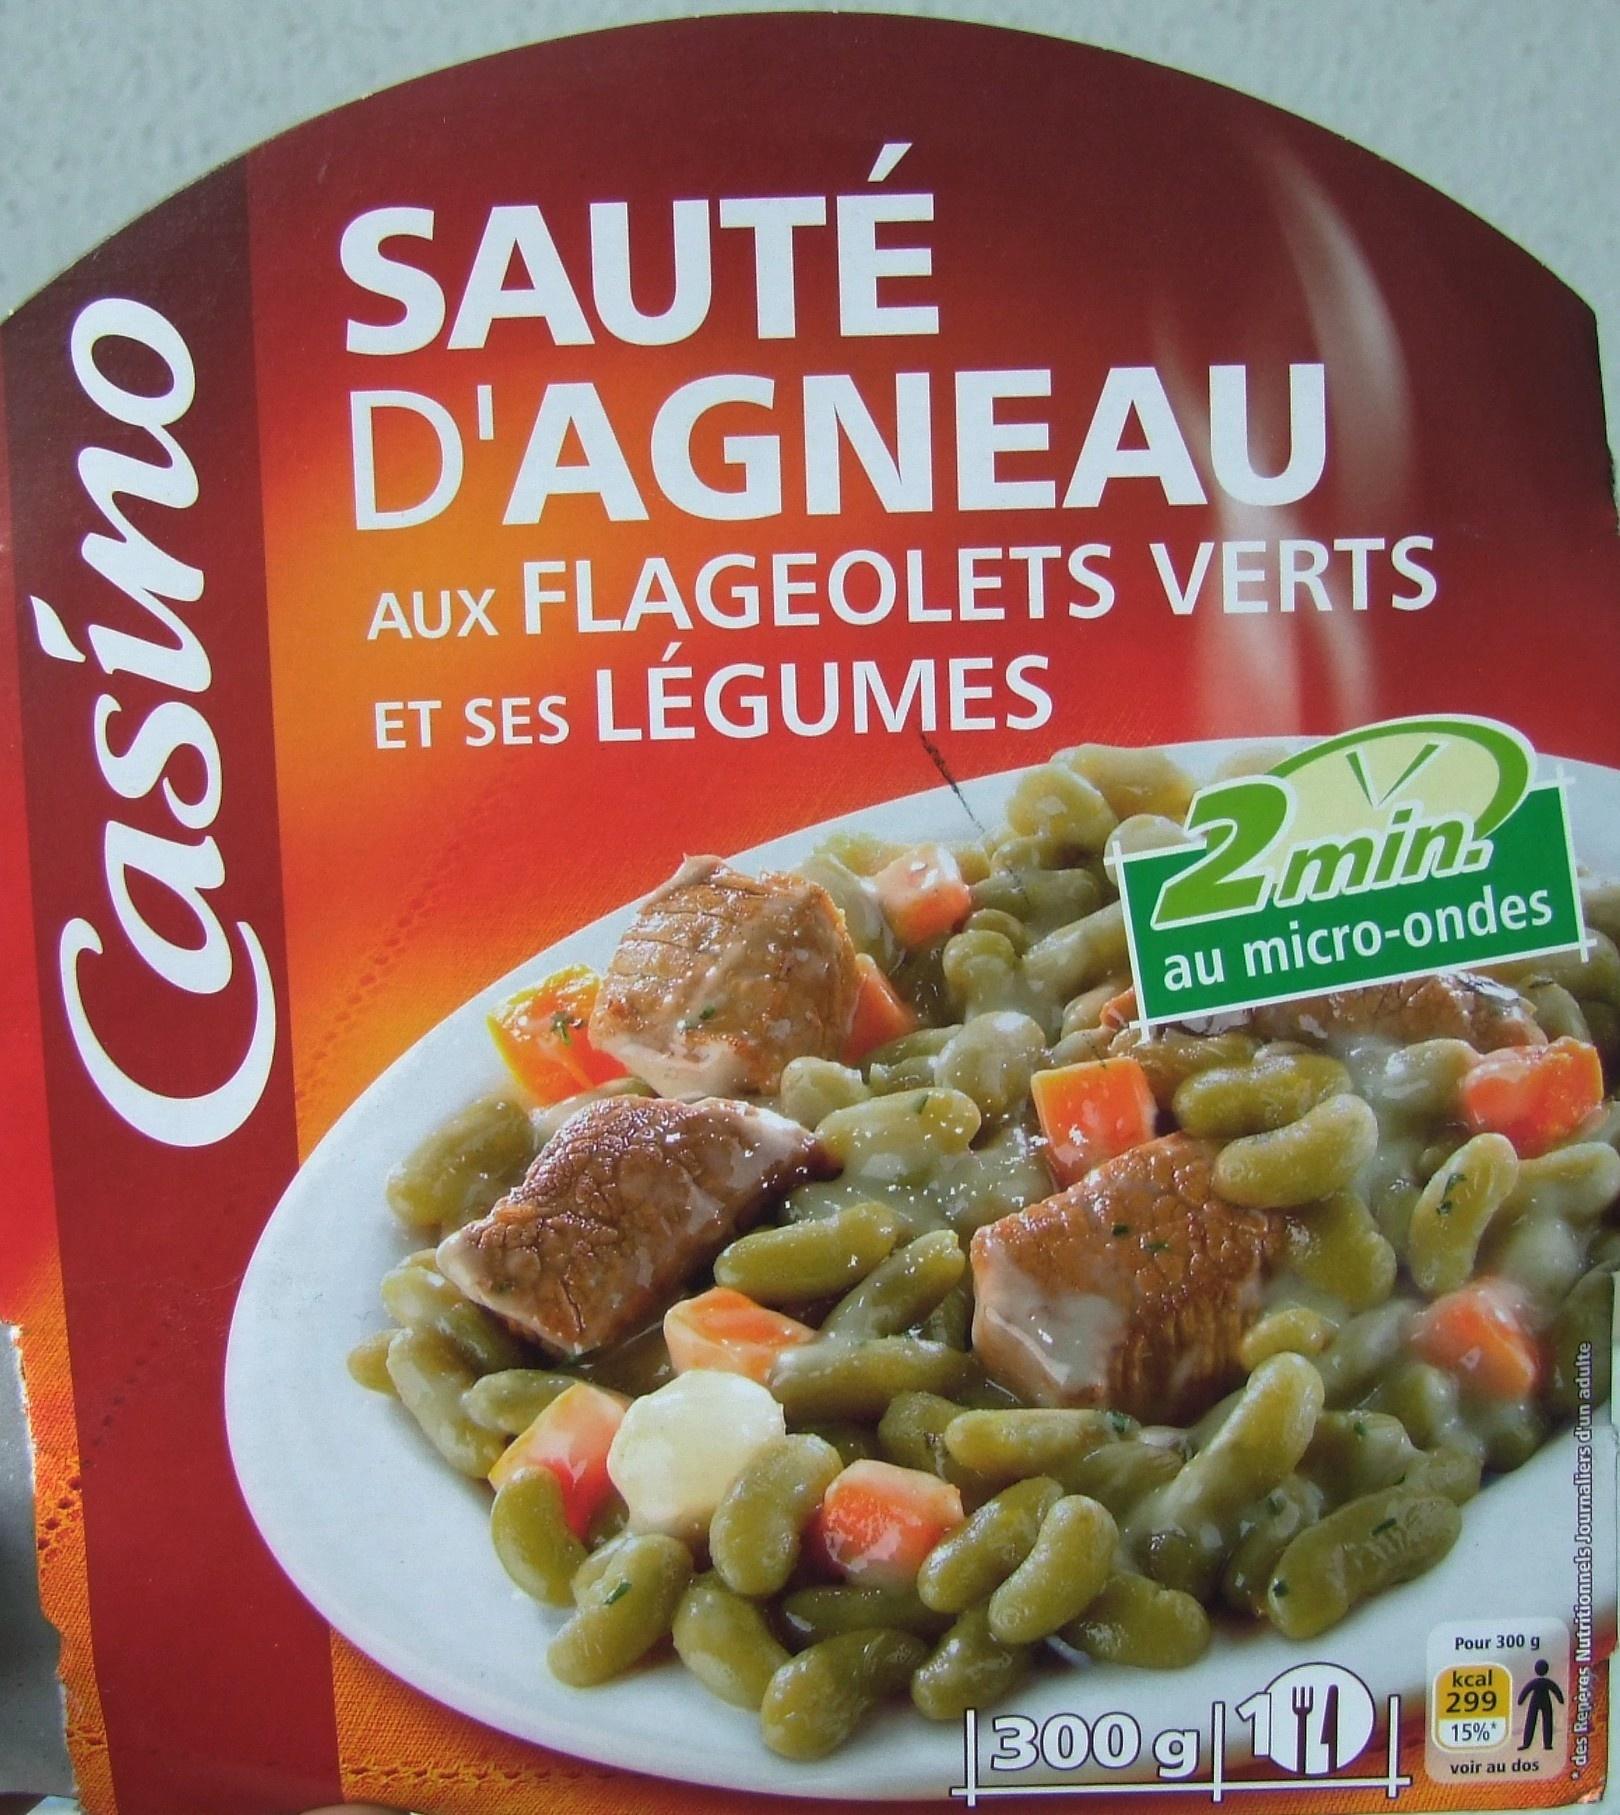 Sauté d'agneau aux flageolets verts et ses légumes - Product